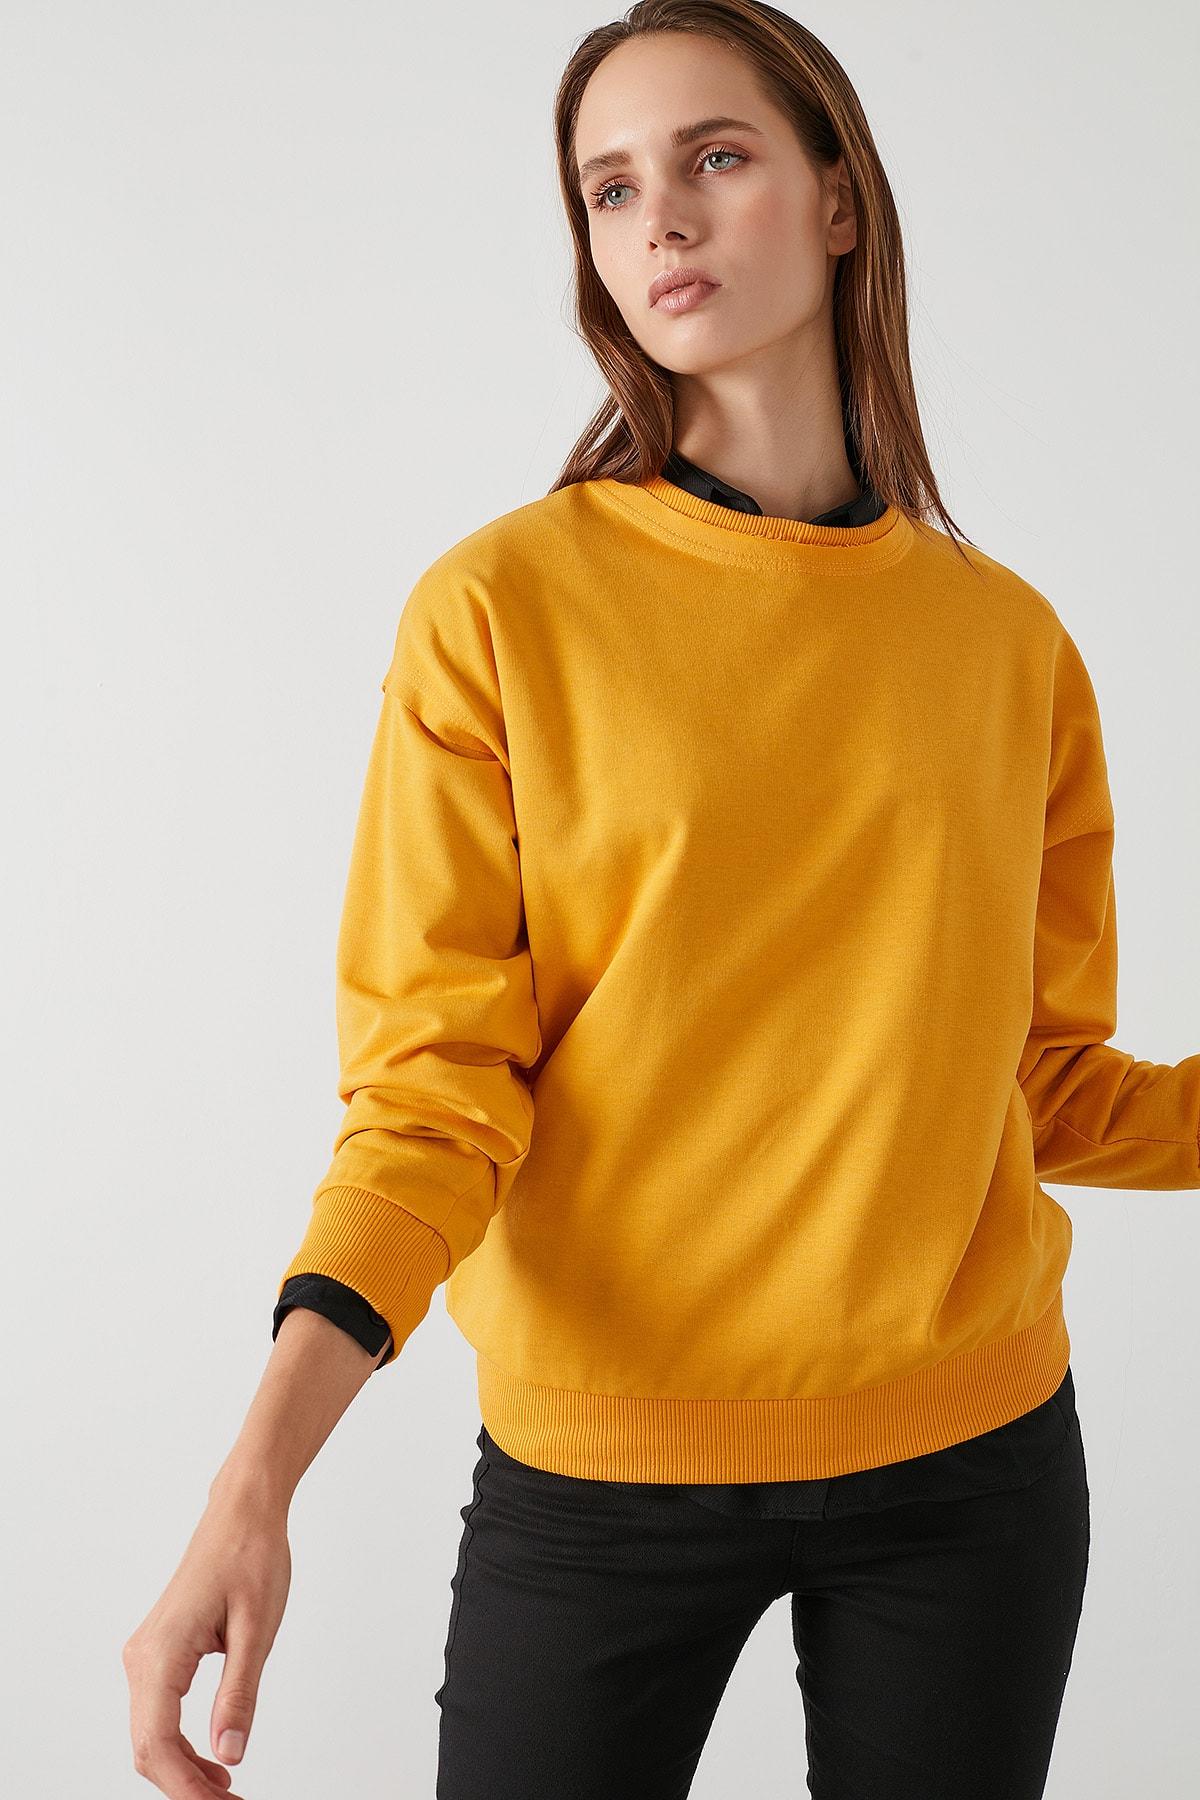 Lela Kadın Bisiklet Yaka Basic Örme Sweatshirt 5413012